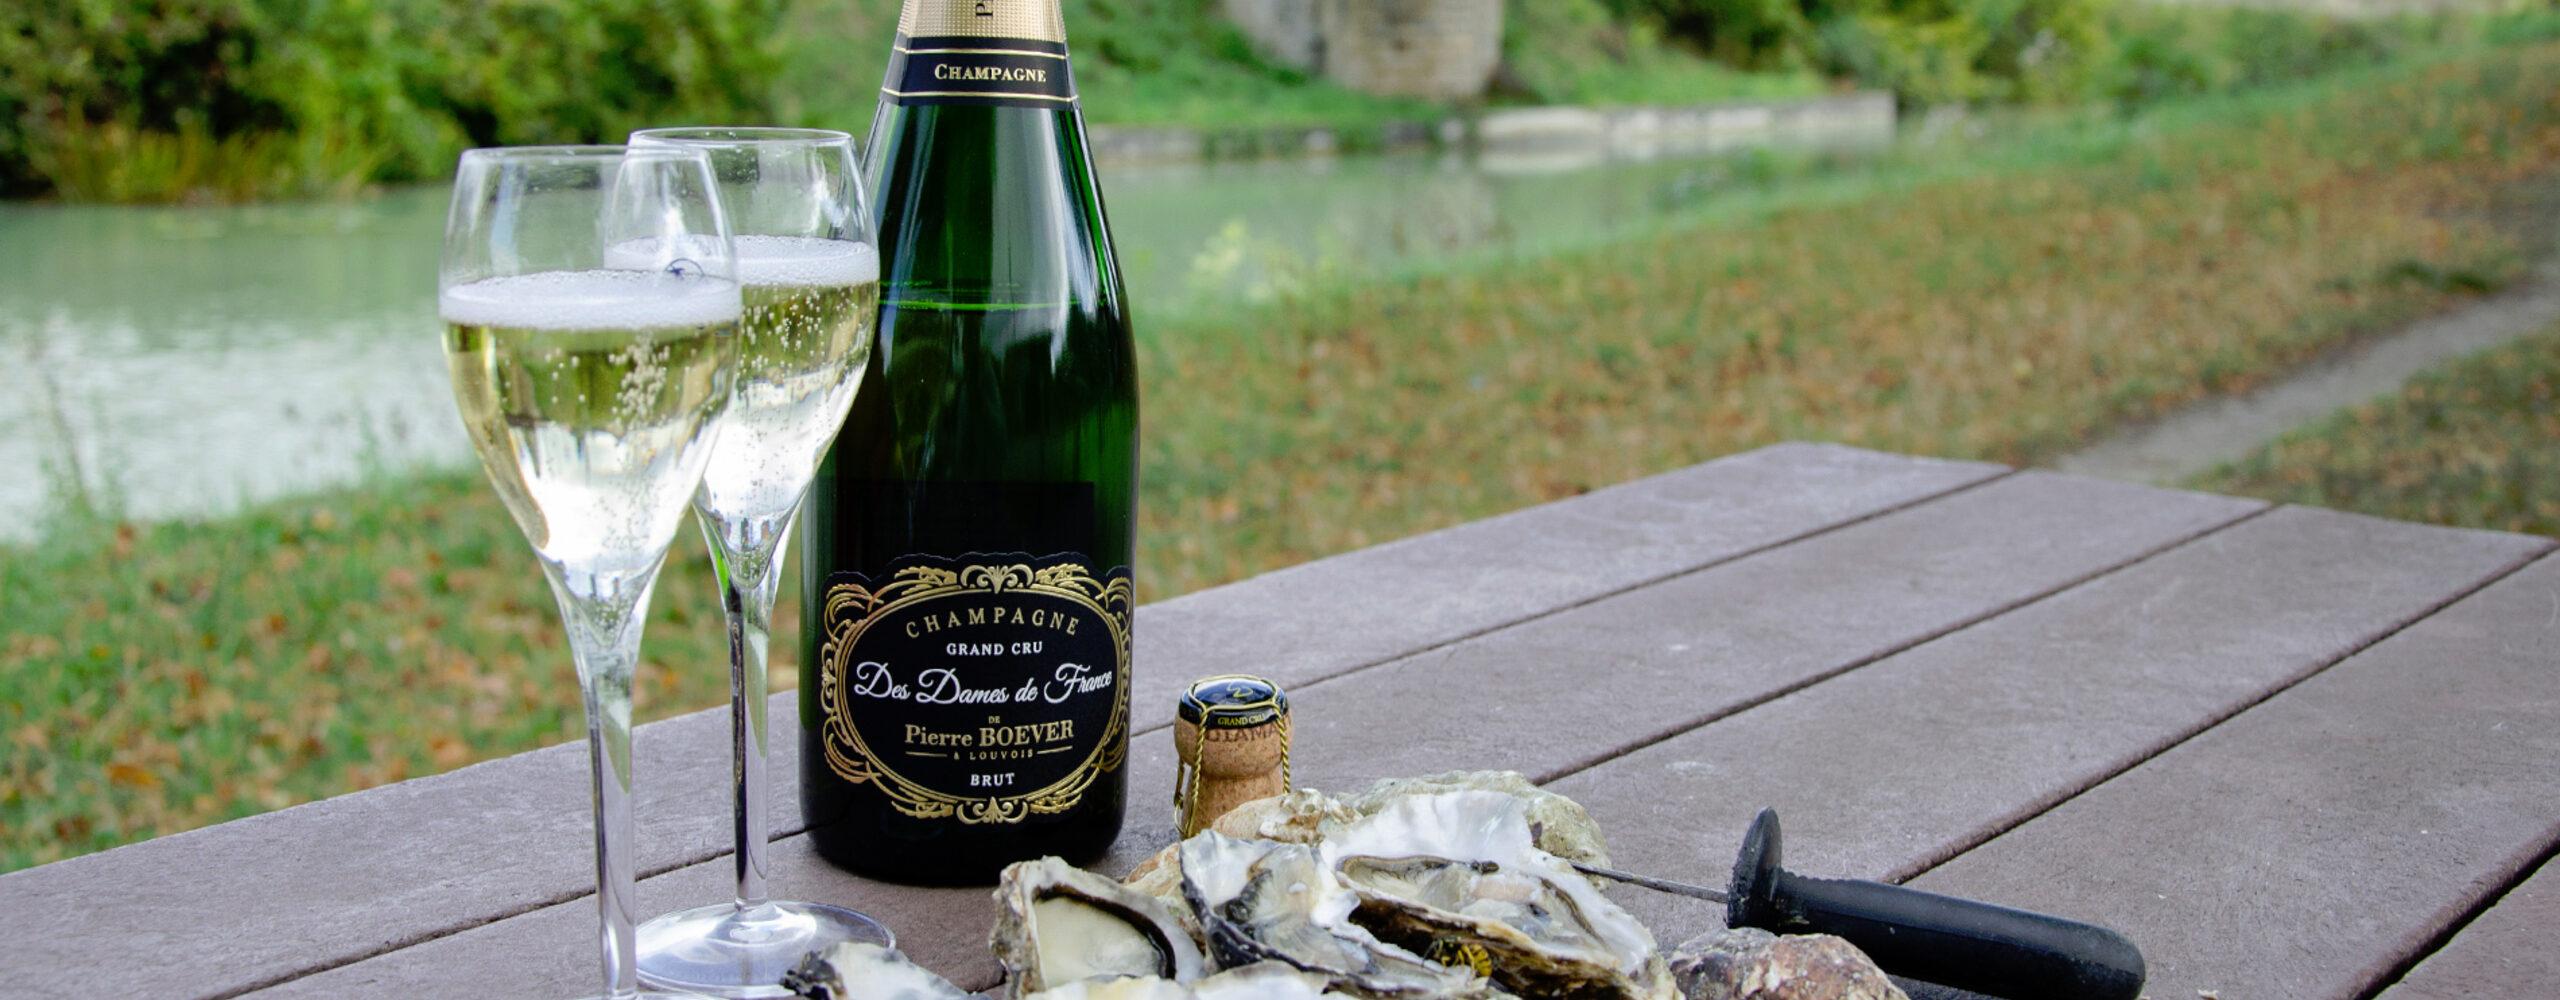 Лавуа, Отвиллерс ипрочая Шампань. Бухать 2019